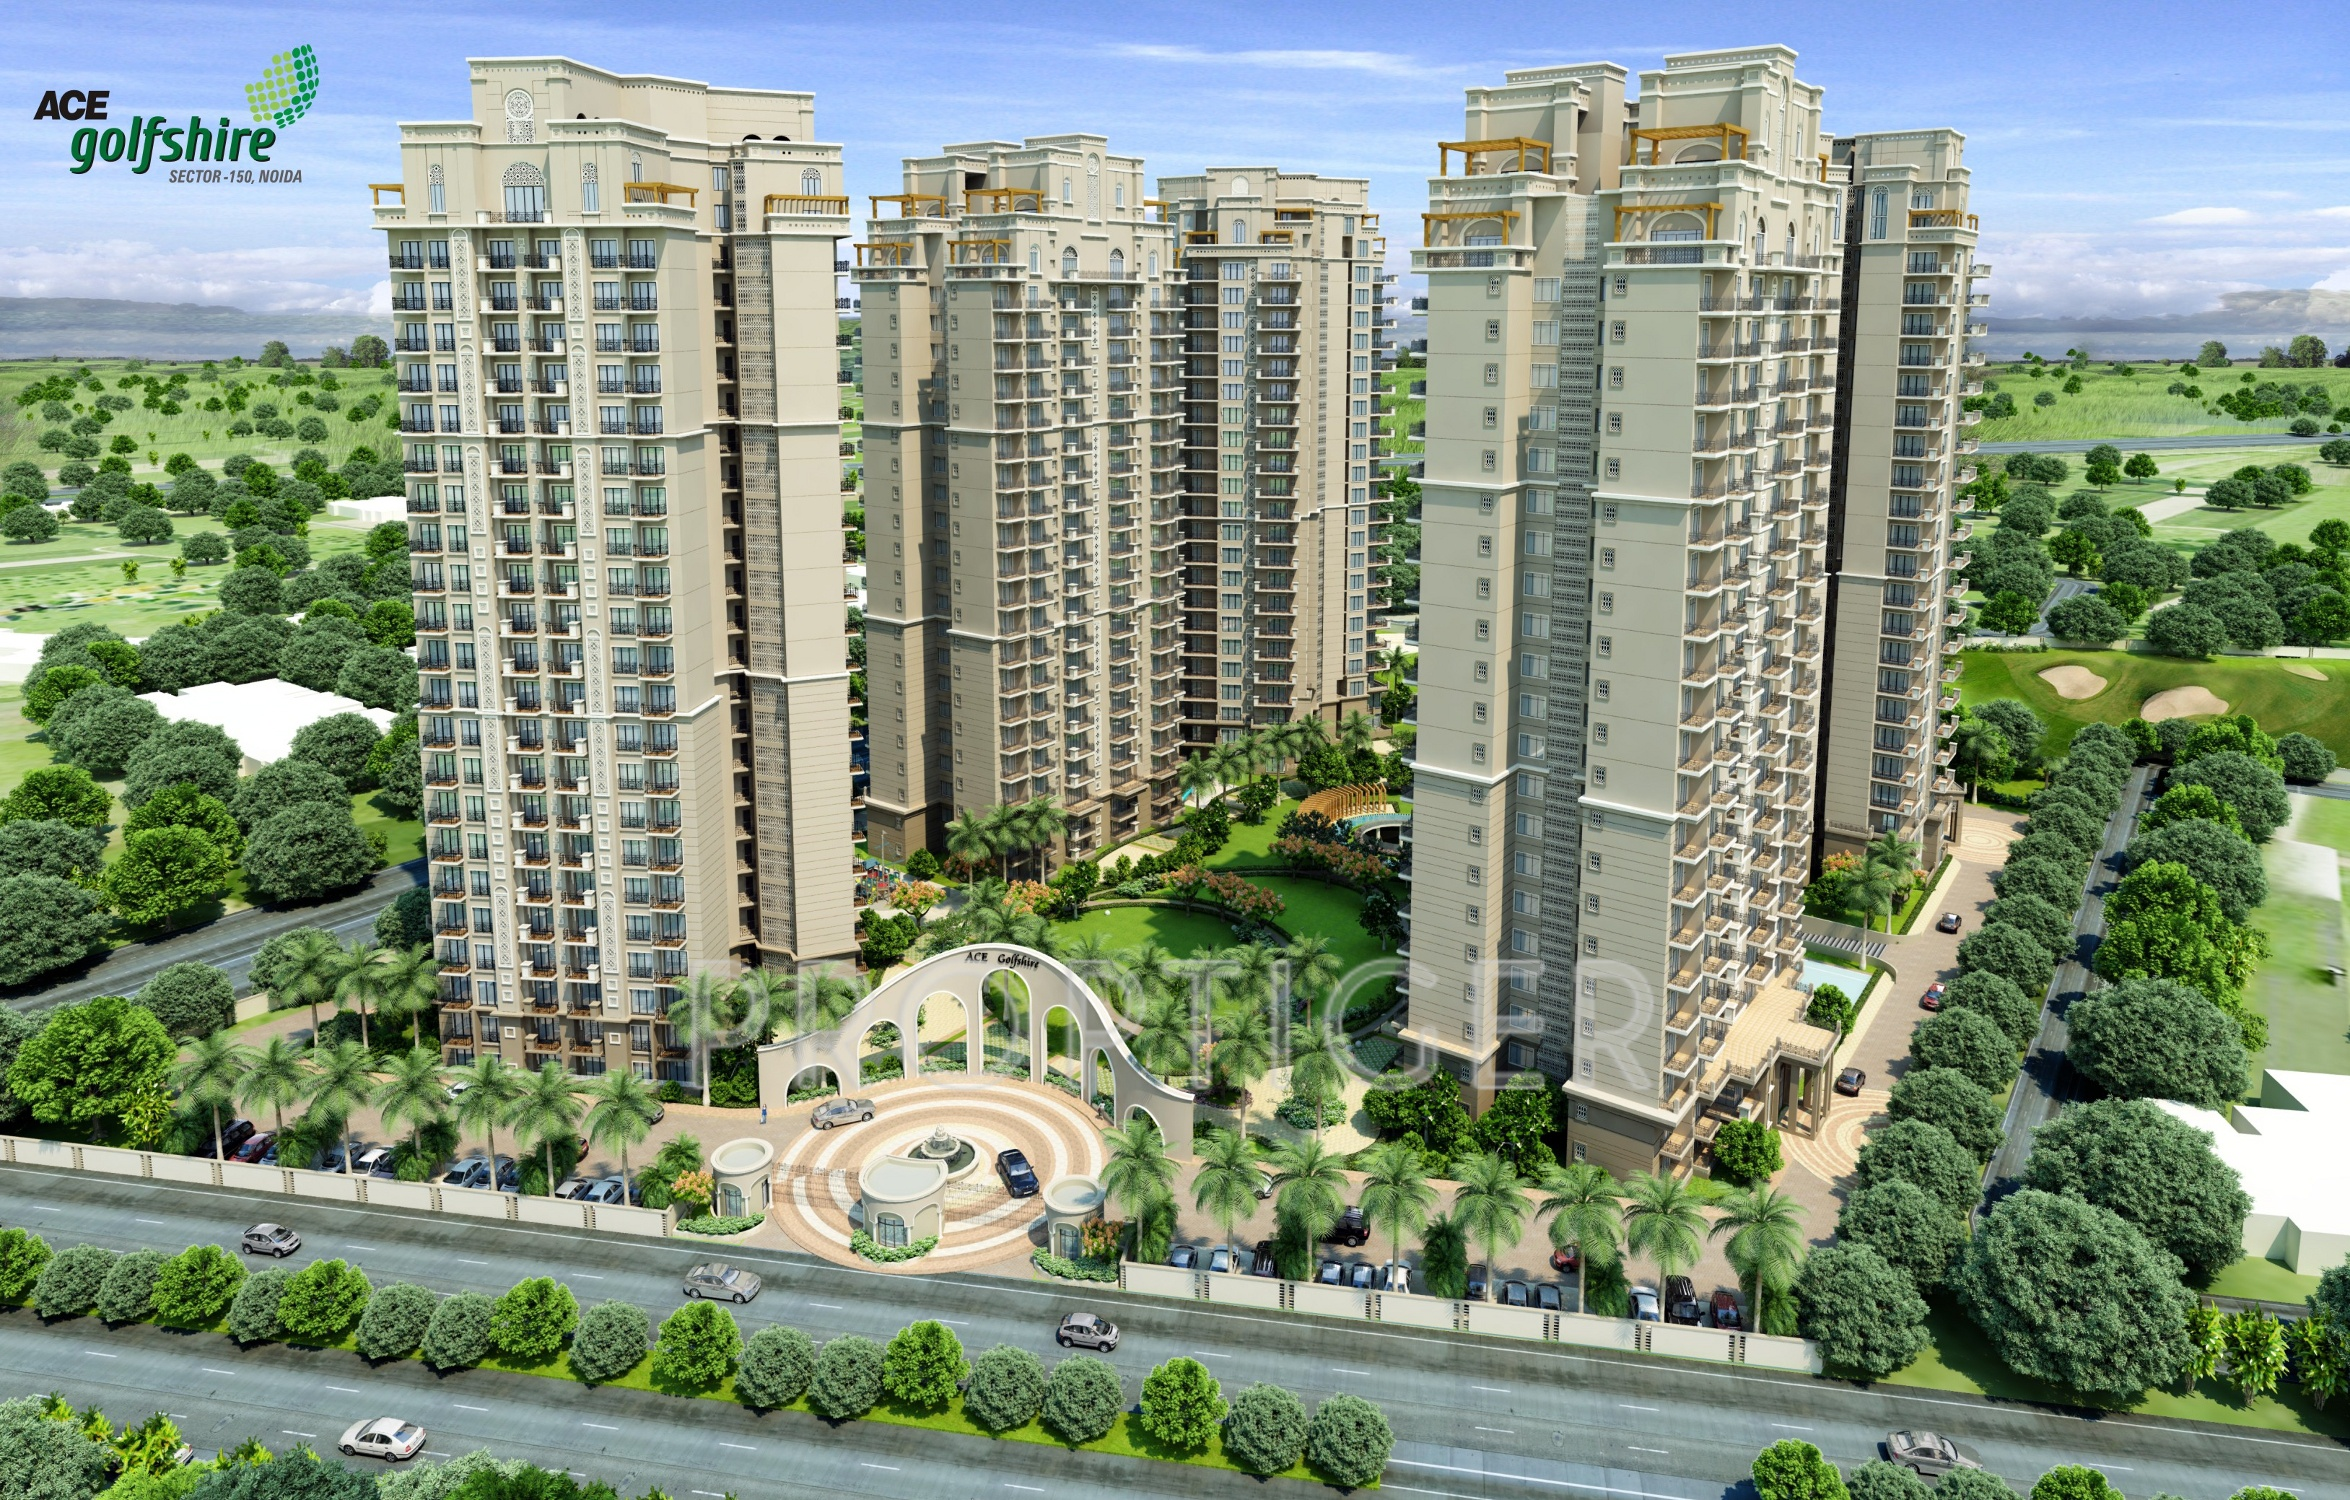 Ace Golfshire I Sector 150, Noida - Pris, beliggenhed kort-4115